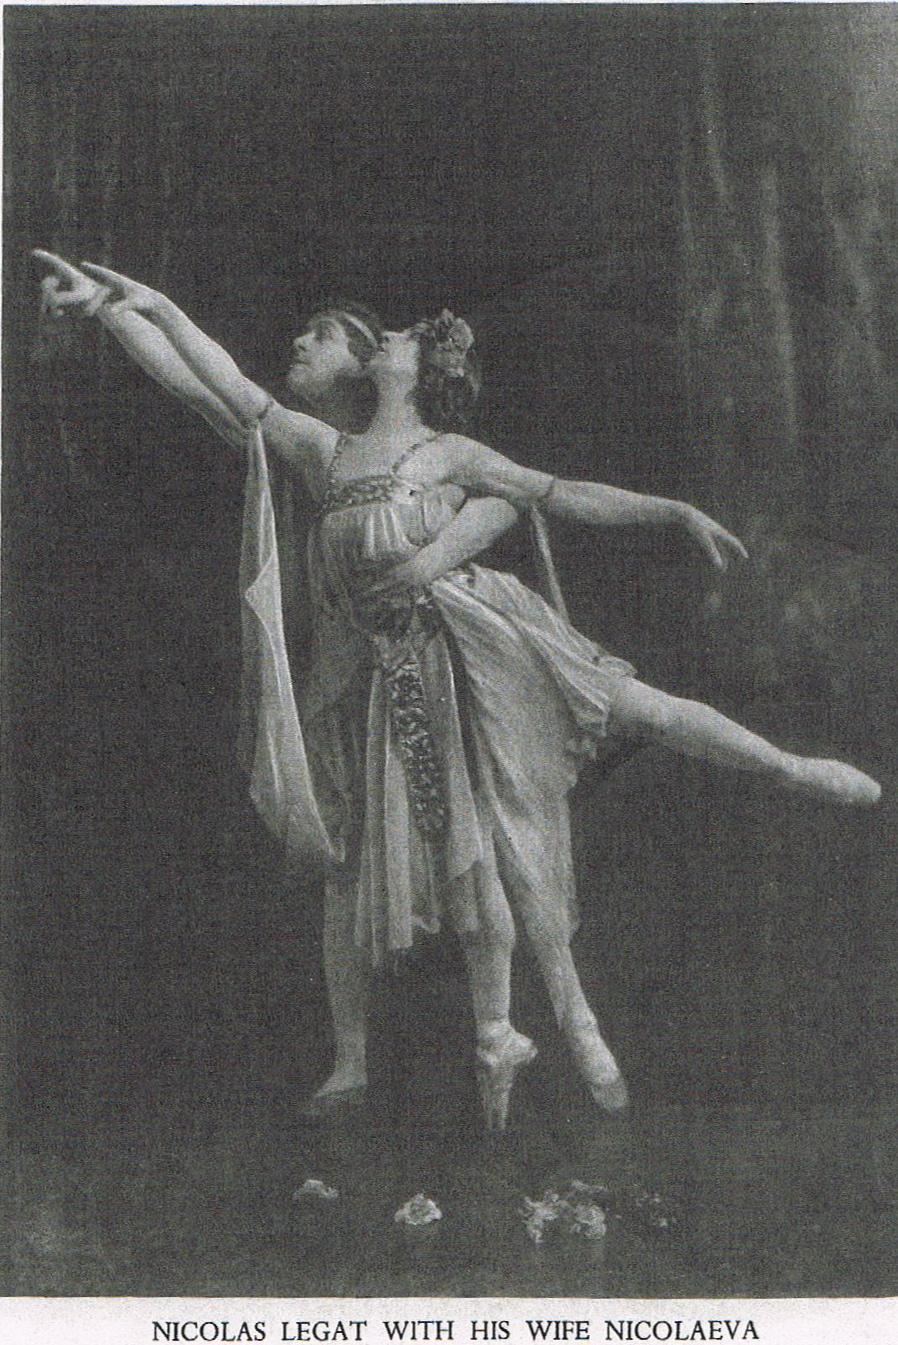 Nicolai and Nicolaeva Legat